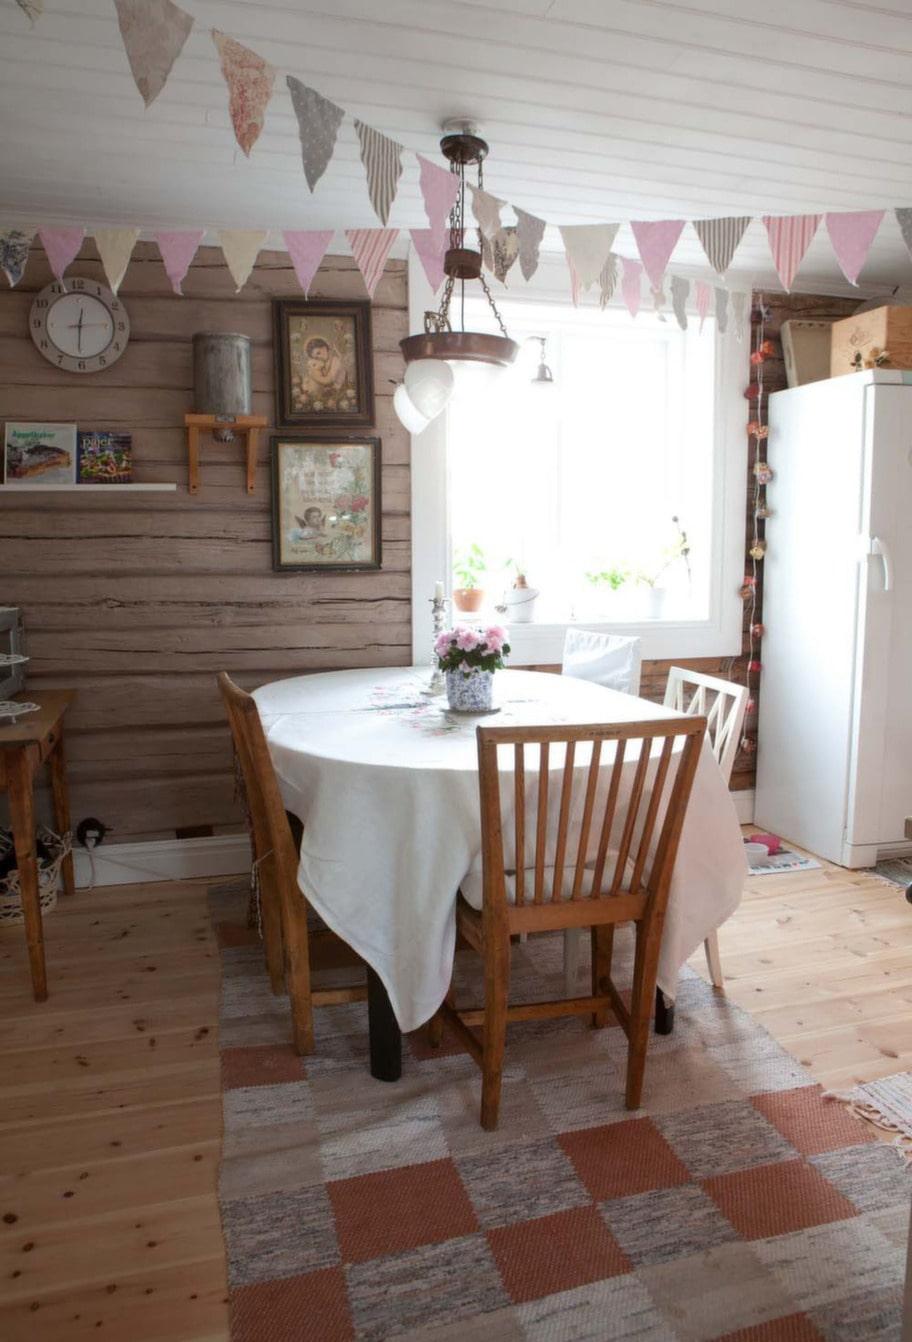 Matplats. Timmerväggarna i köket är målade med äggoljetempera som består av ägg, vatten, pigment och linolja. De gamla fönstren har fått energiglas på insida för att ta tillvara solenergin och hålla värmen inne.